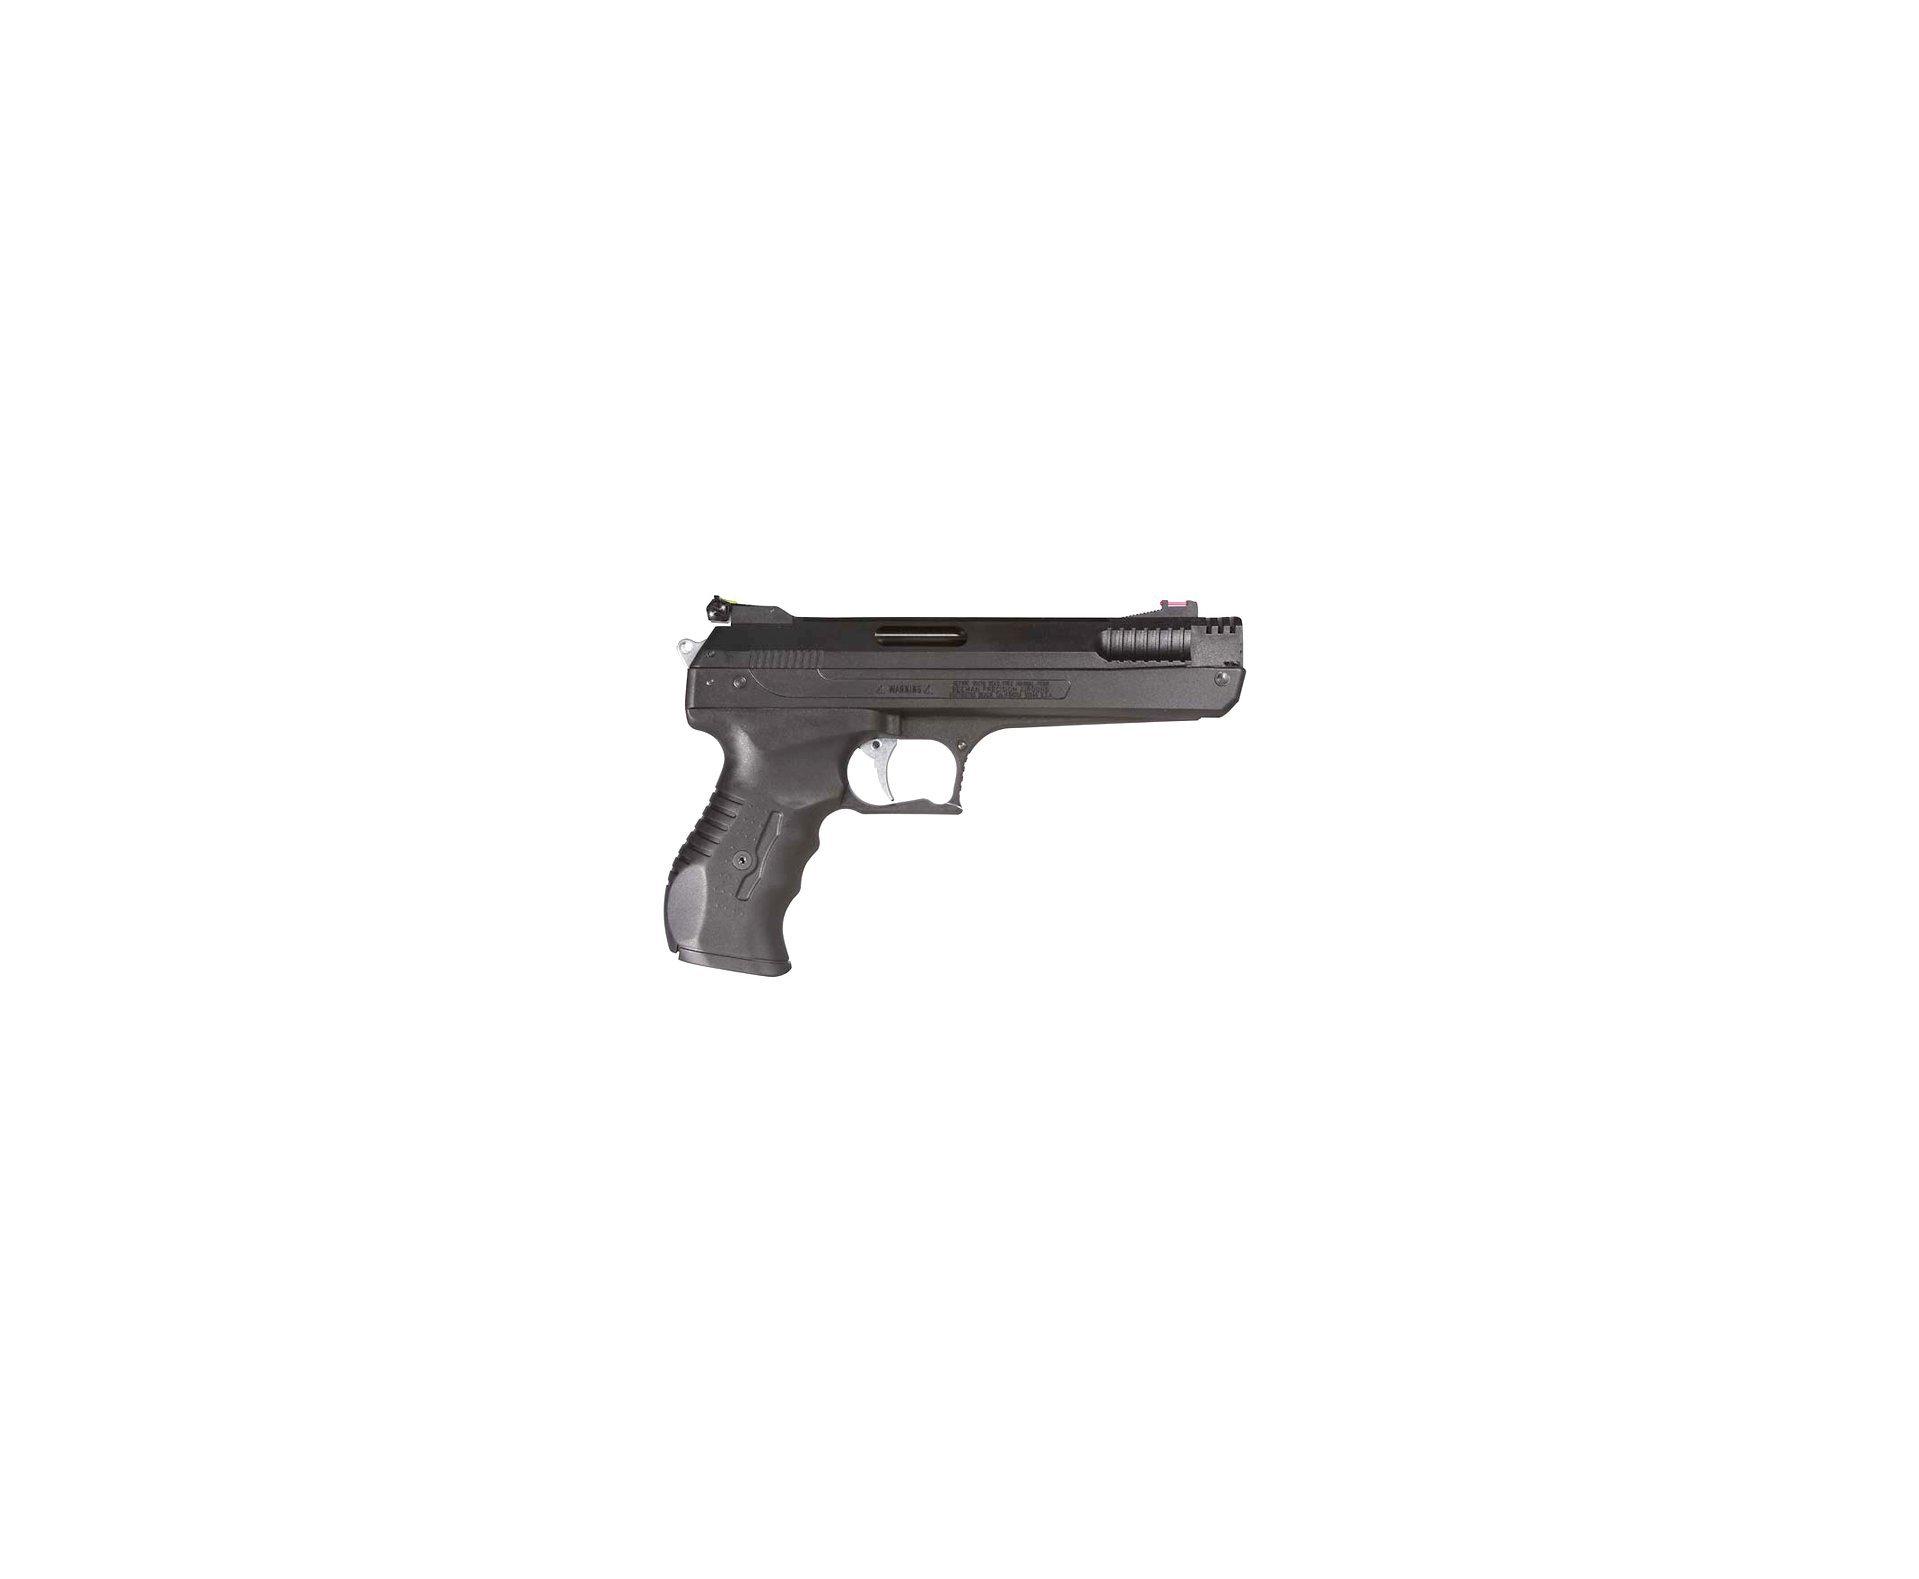 Pistola De Pressão Beeman 2004 P-17 - Cal 4,5mm + Red Dot 1x30 - Beeman